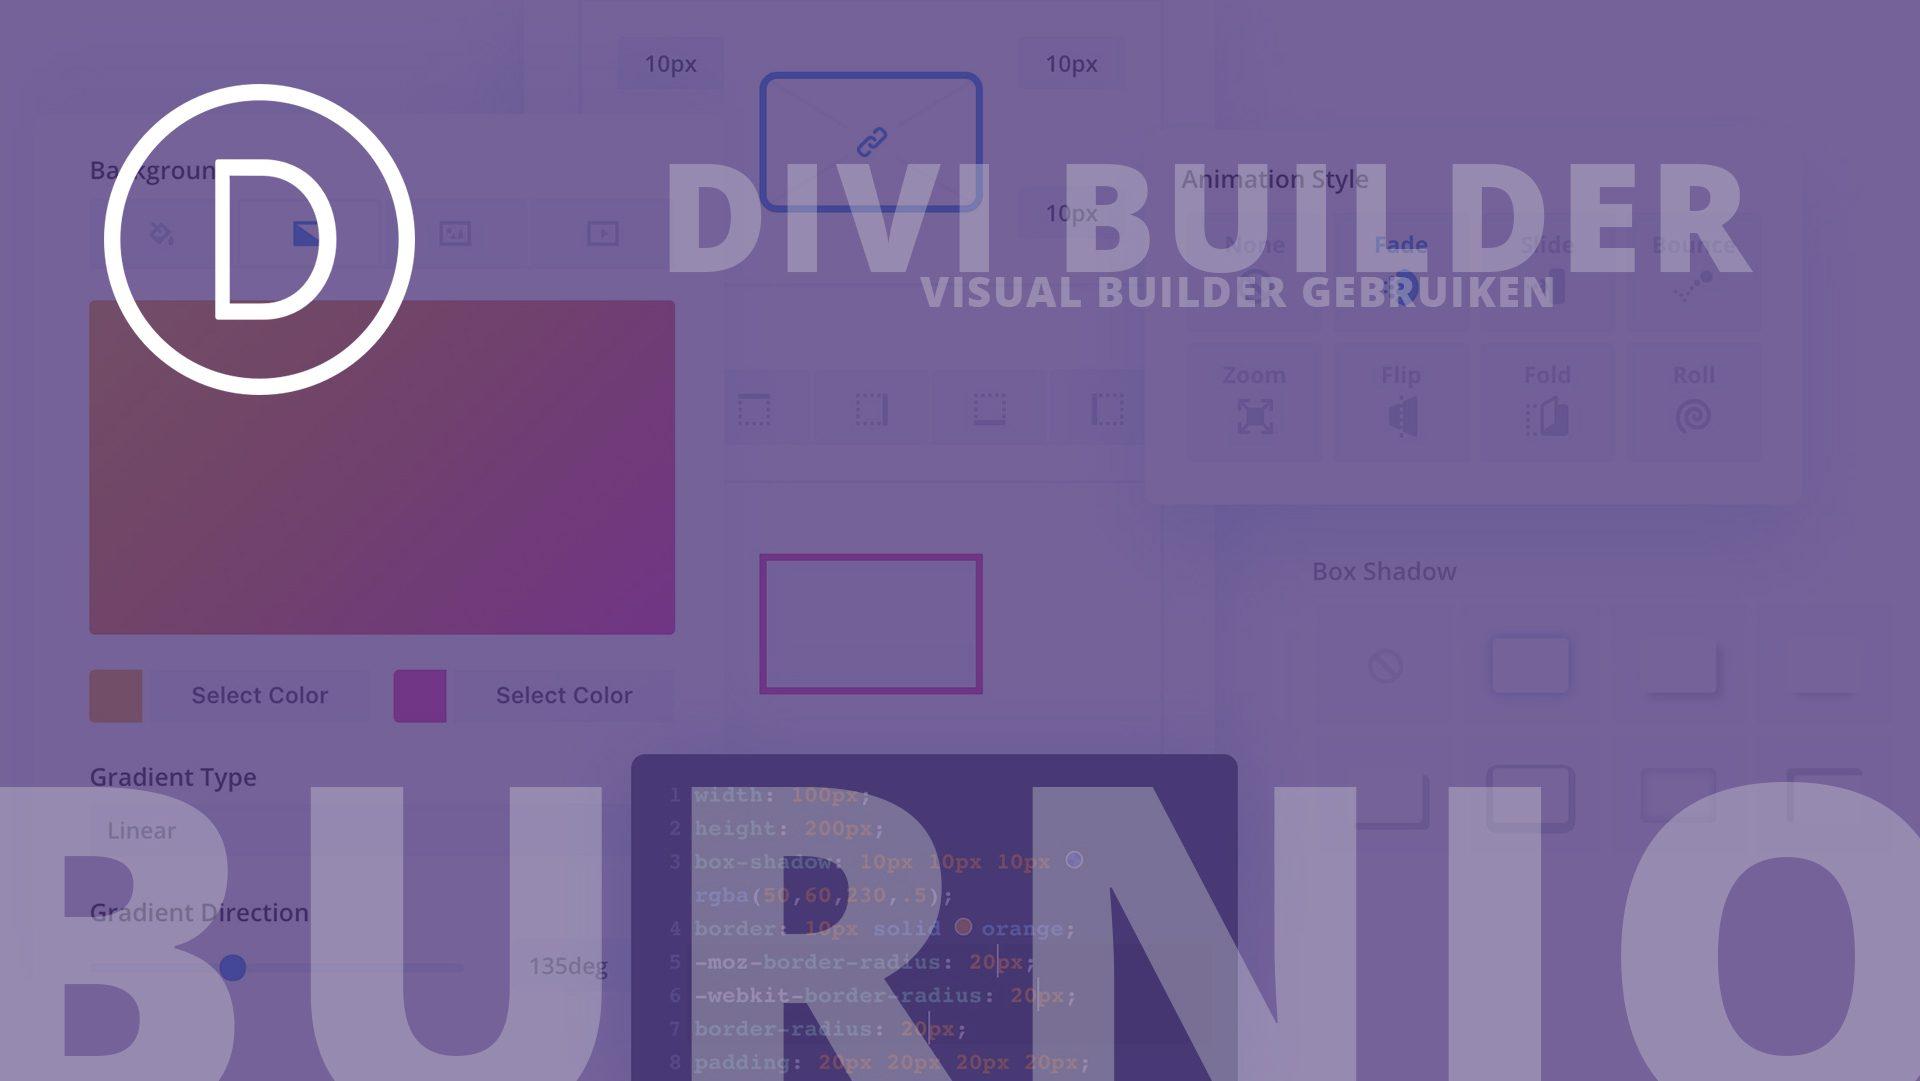 Divi Visual builder gebruiken handleiding